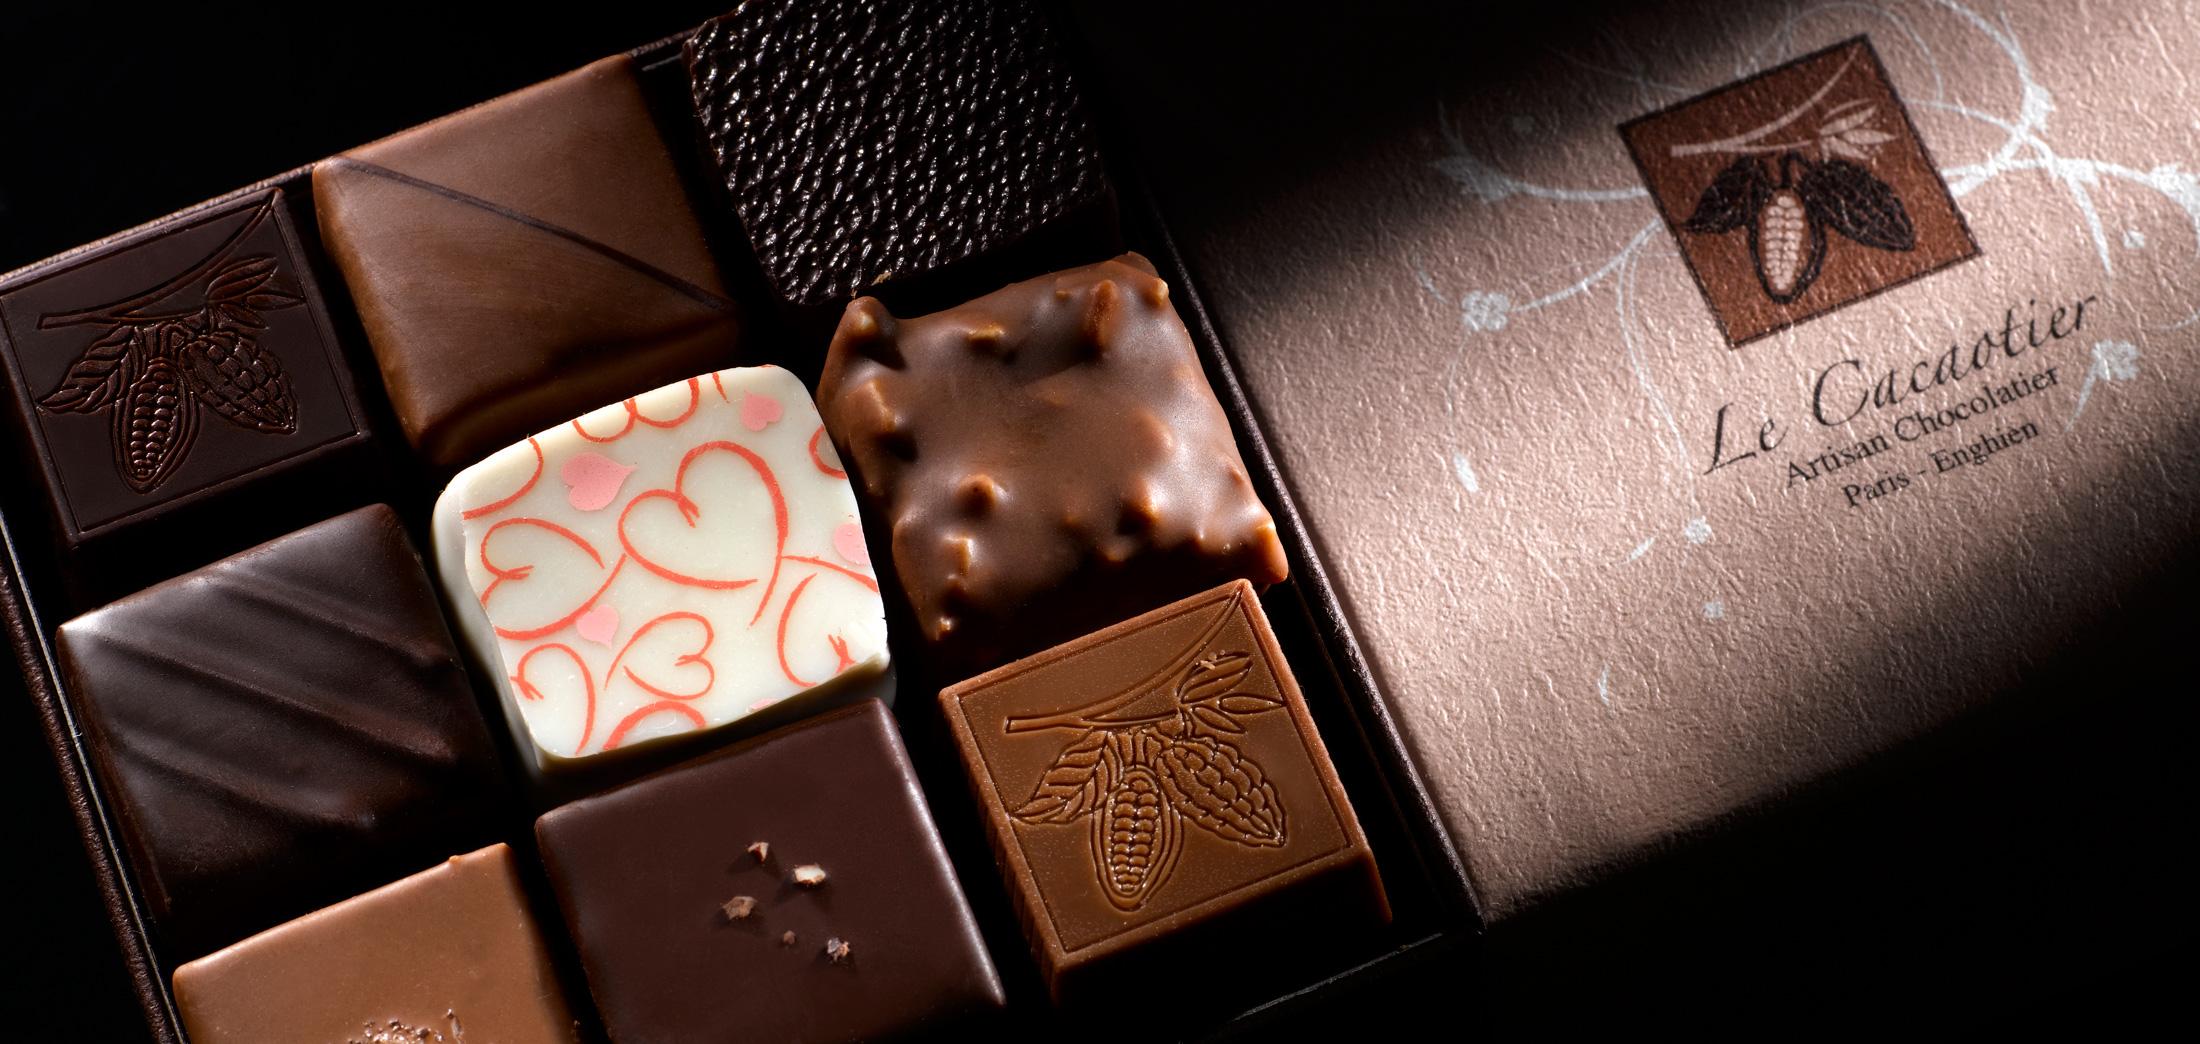 Chocolats fourrés du chocolatier Hubert Masse le-Cacaotier